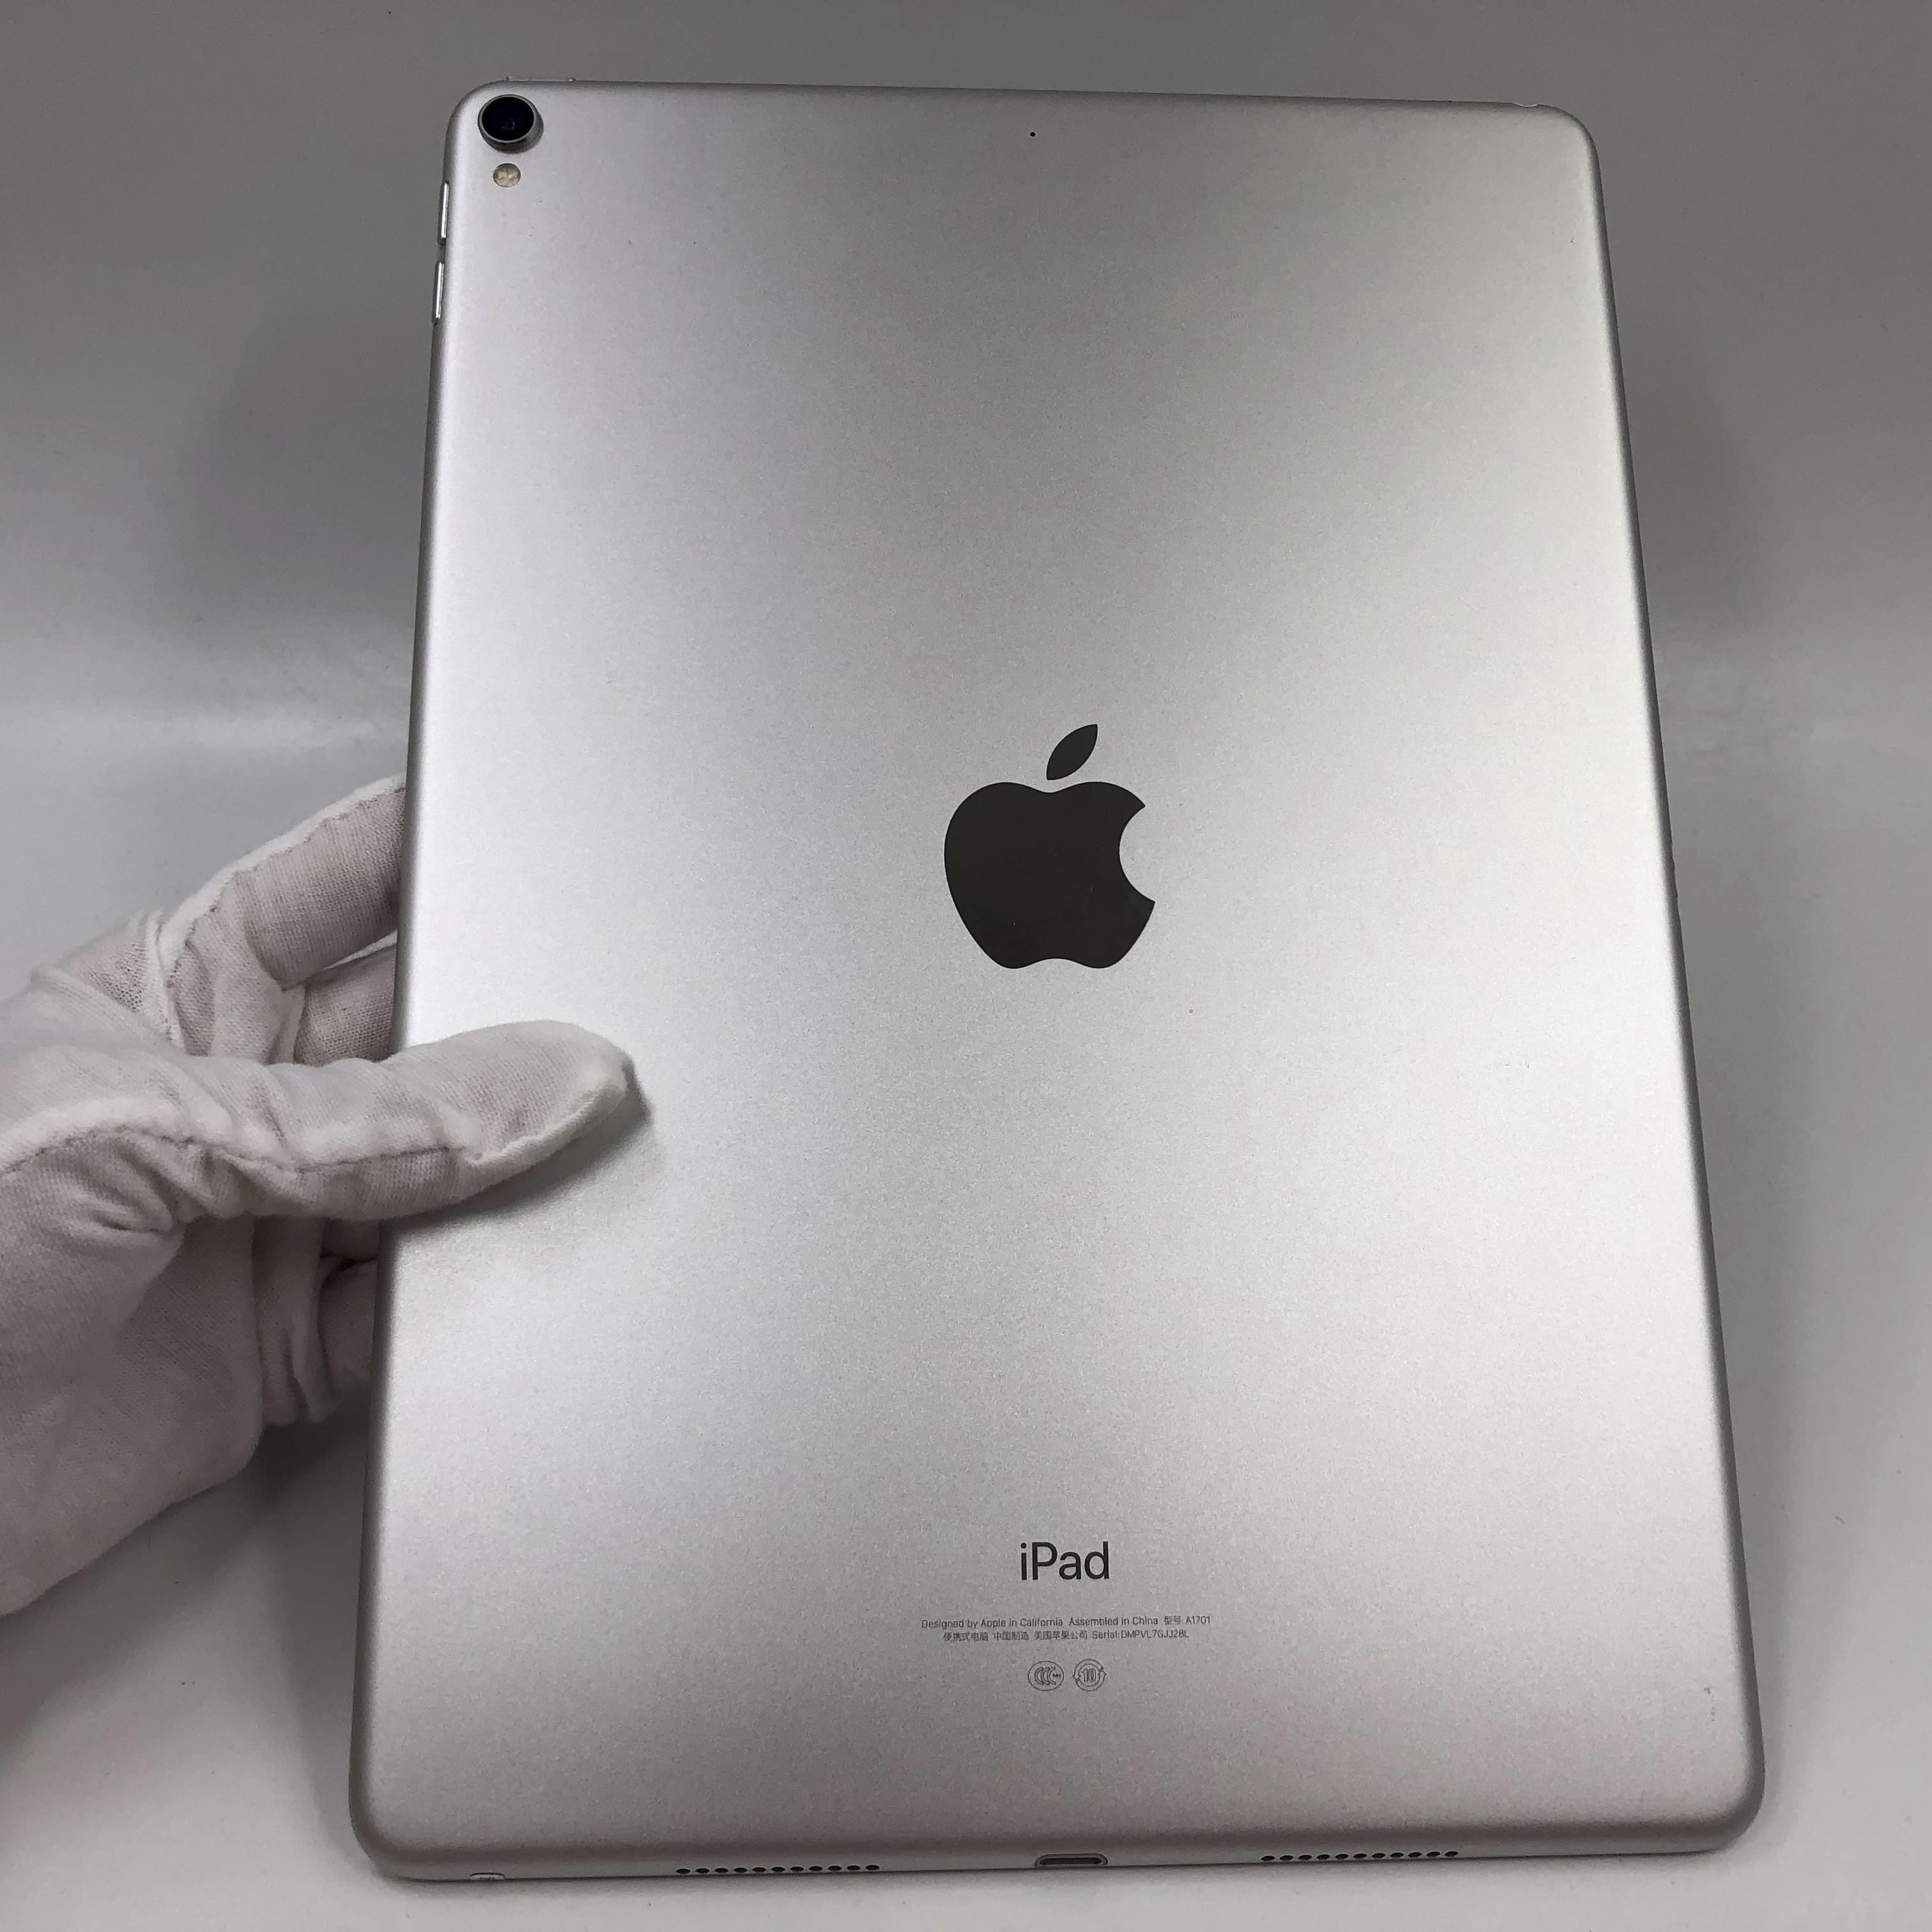 苹果【iPad Pro 10.5寸 17款】WIFI版 银色 64G 国行 95新 真机实拍